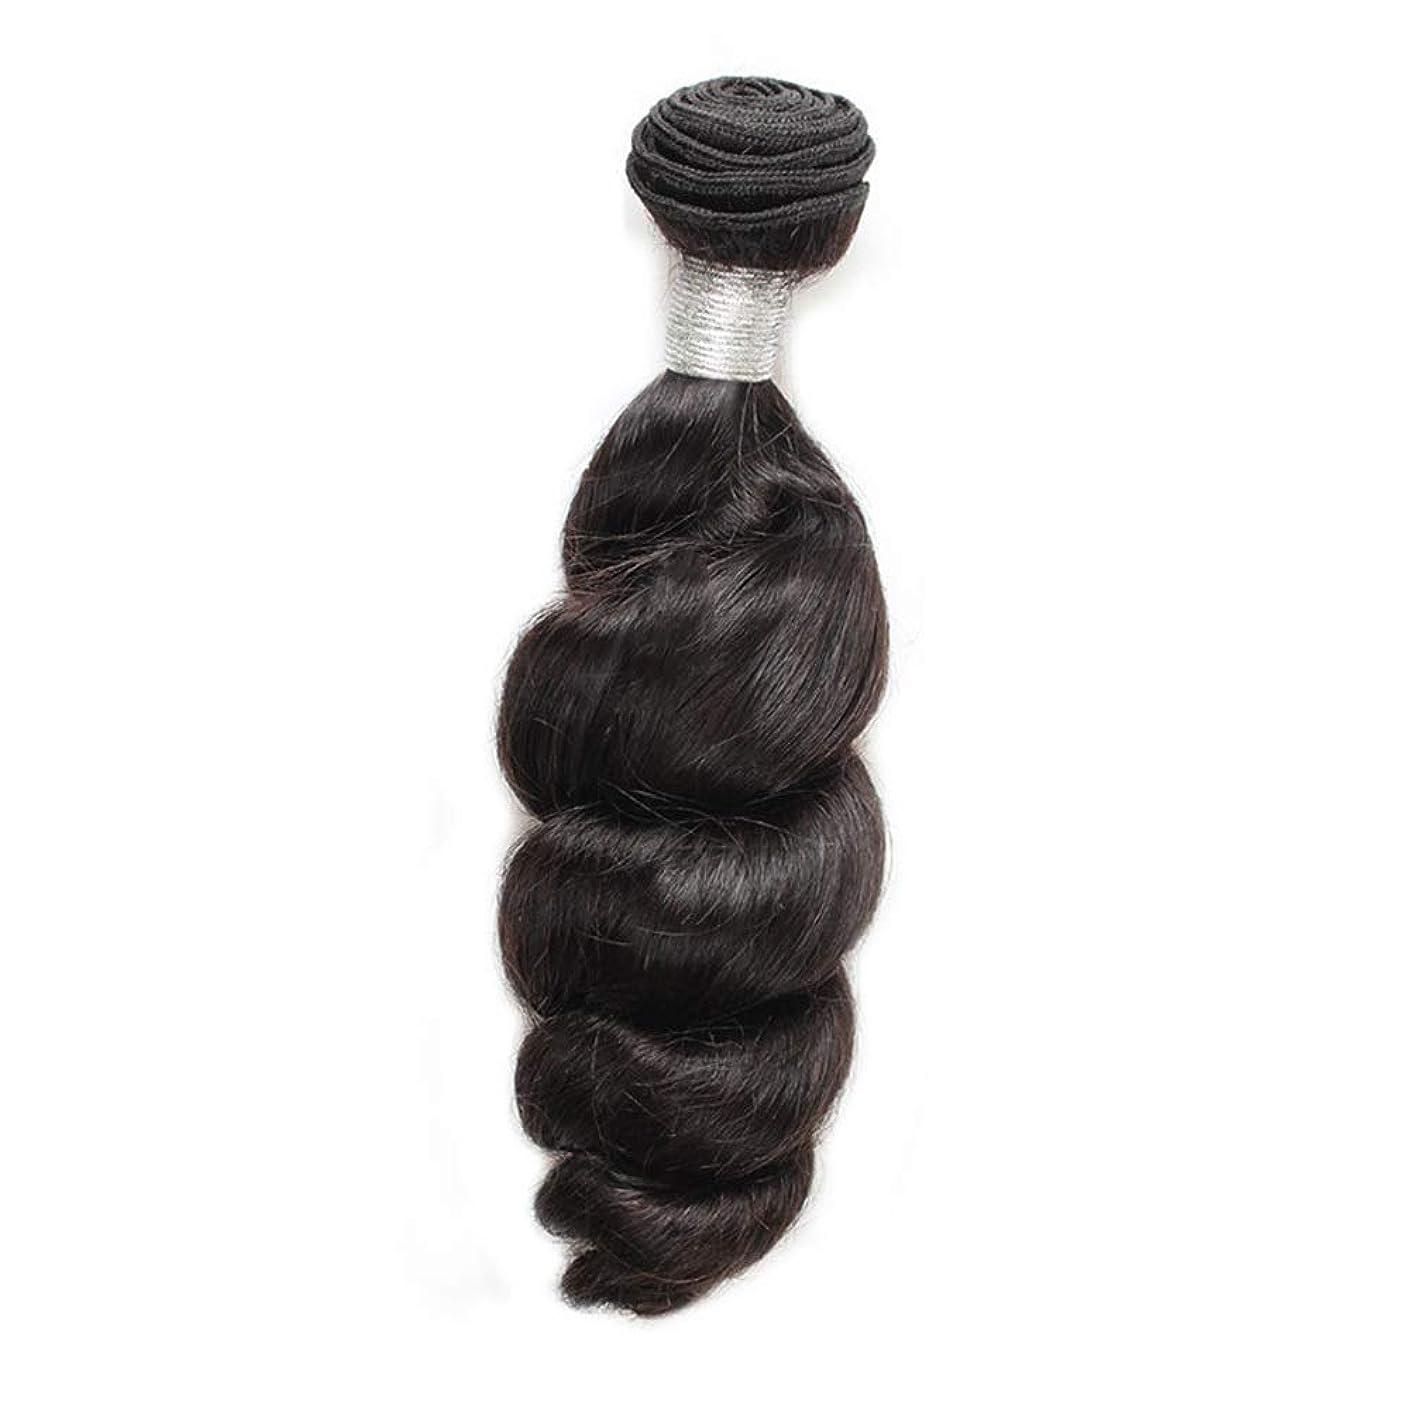 BOBIDYEE 女性の人間の髪の毛ブラジルのバージンルースウェーブの束横糸ナチュラルブラック100g /個1枚入り(12インチ-26インチ)合成髪レースかつらロールプレイングかつらストレートシリンダーショートスタイル女性自然 (色 : 黒, サイズ : 16 inch)